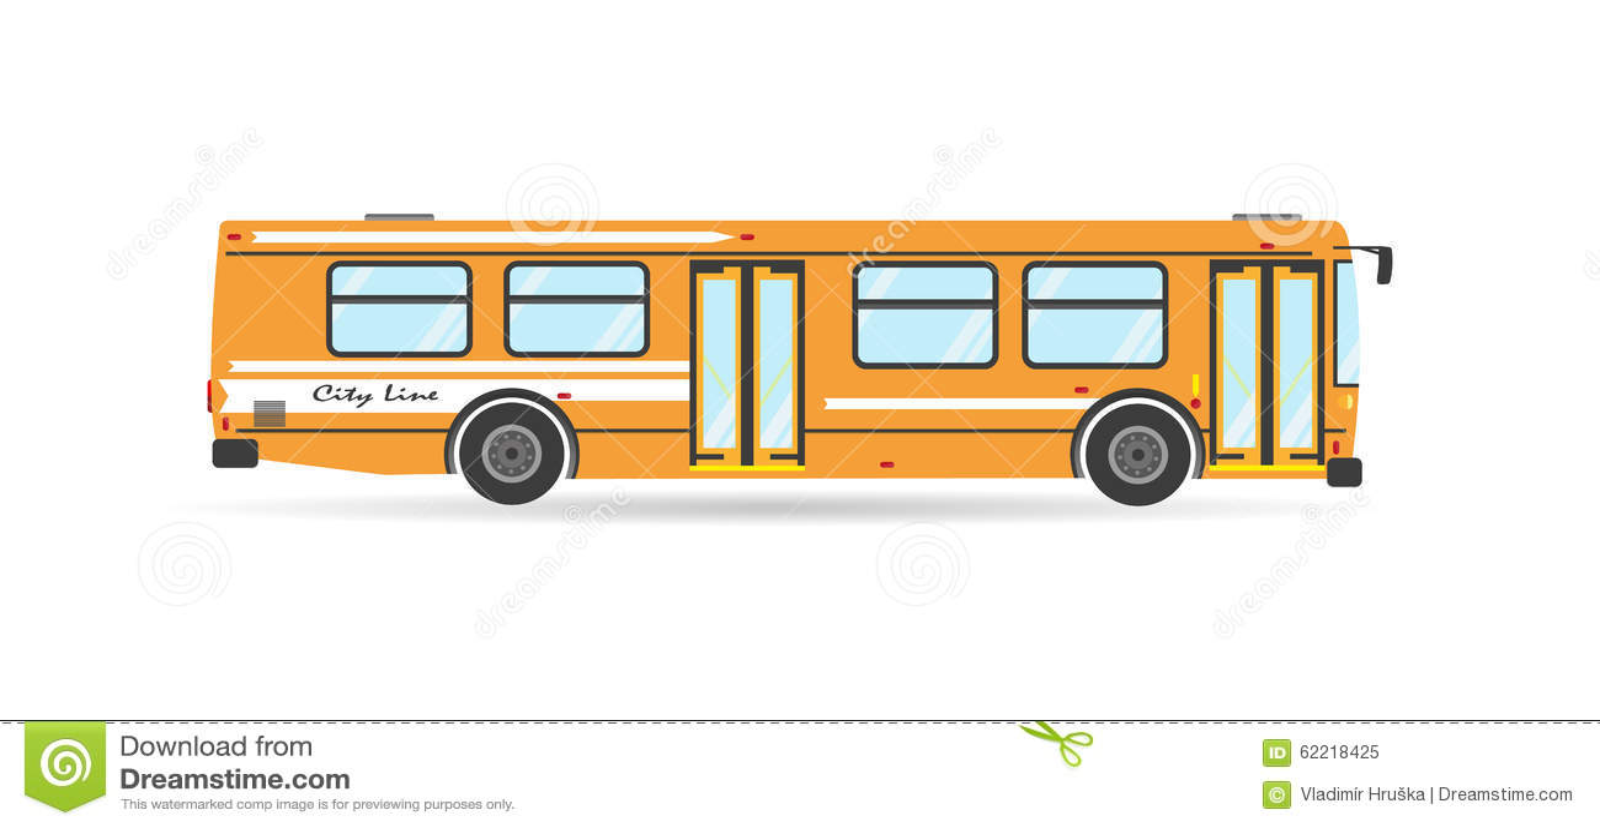 Wektorowego transportu płaskiego miasta przelotowy autobusowy pojazd